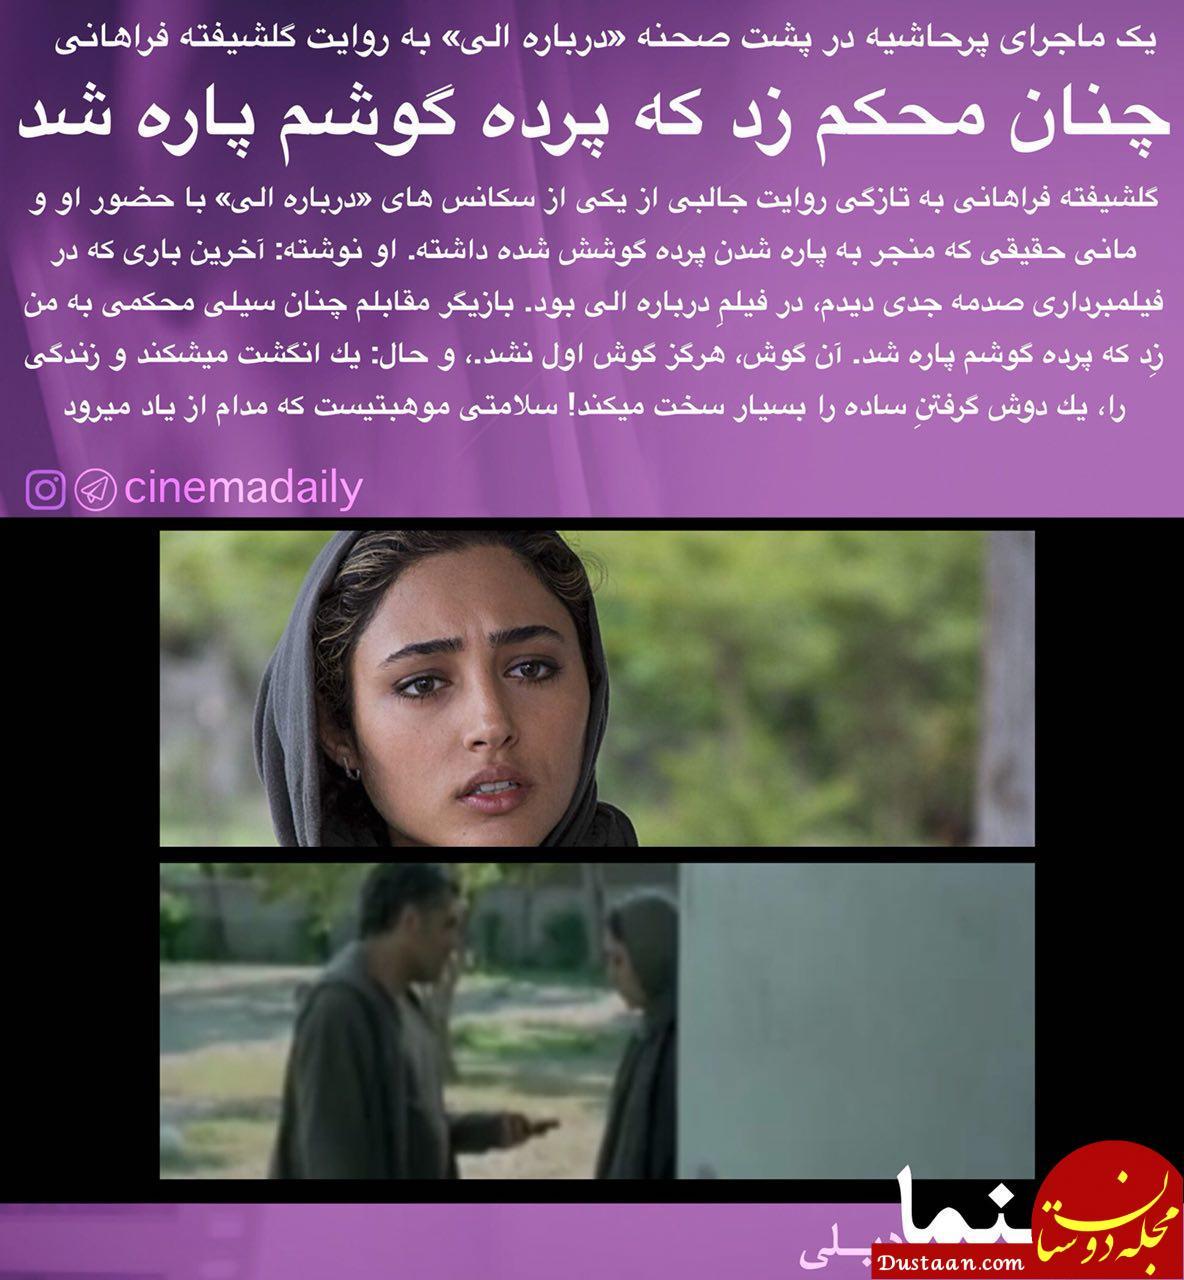 www.dustaan.com ماجرای سیلی خوردن گلشیفته فراهانی در ایران! +عکس